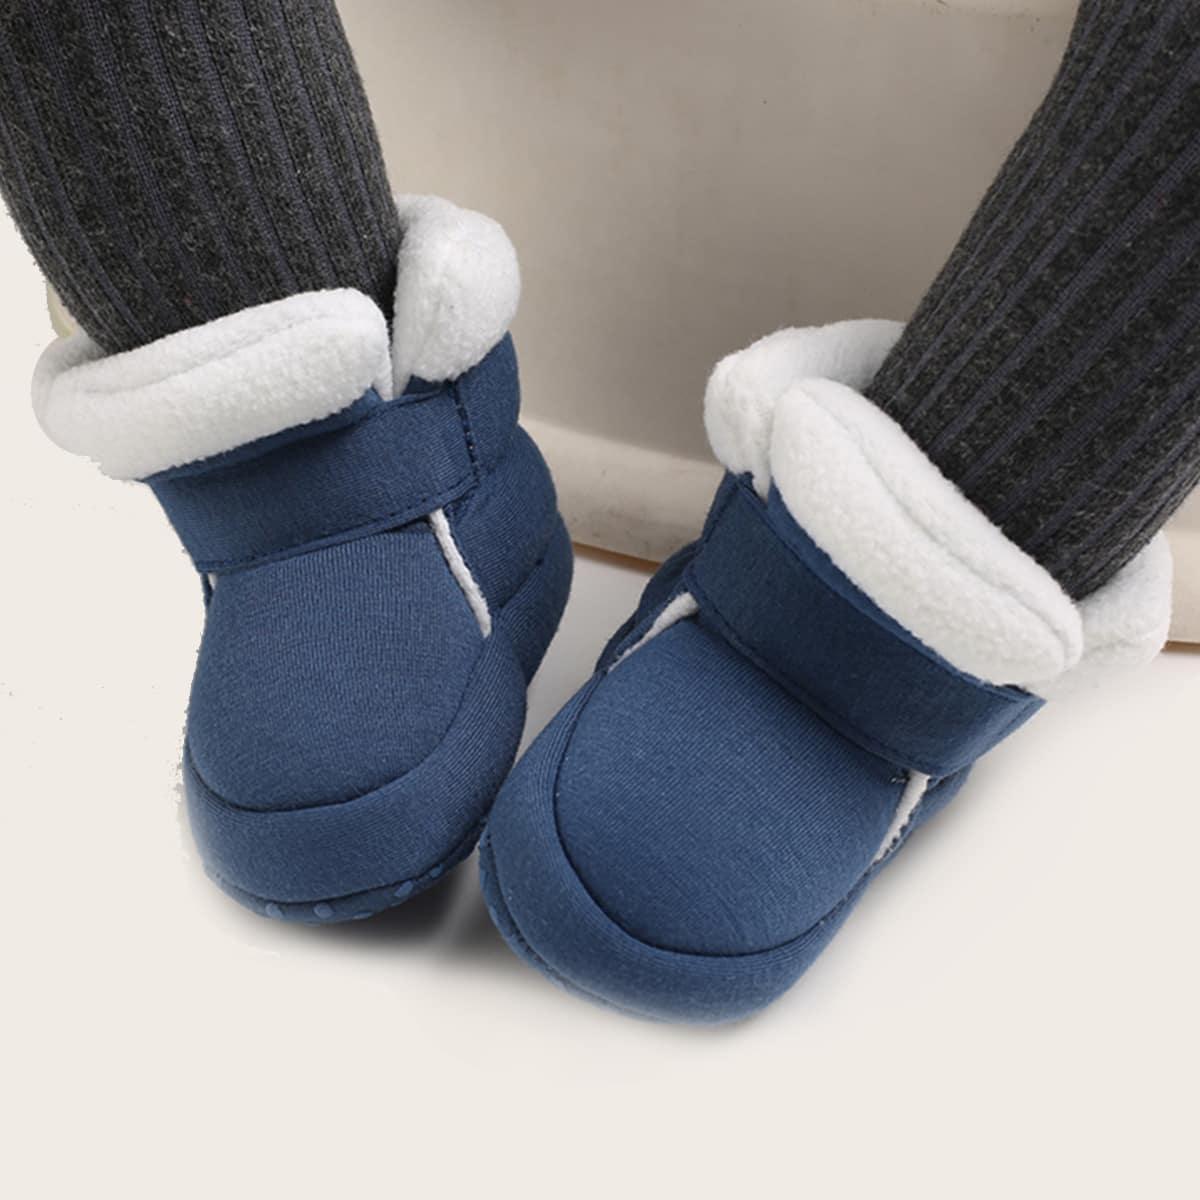 Ботинки на плюшевой подкладке для мальчиков